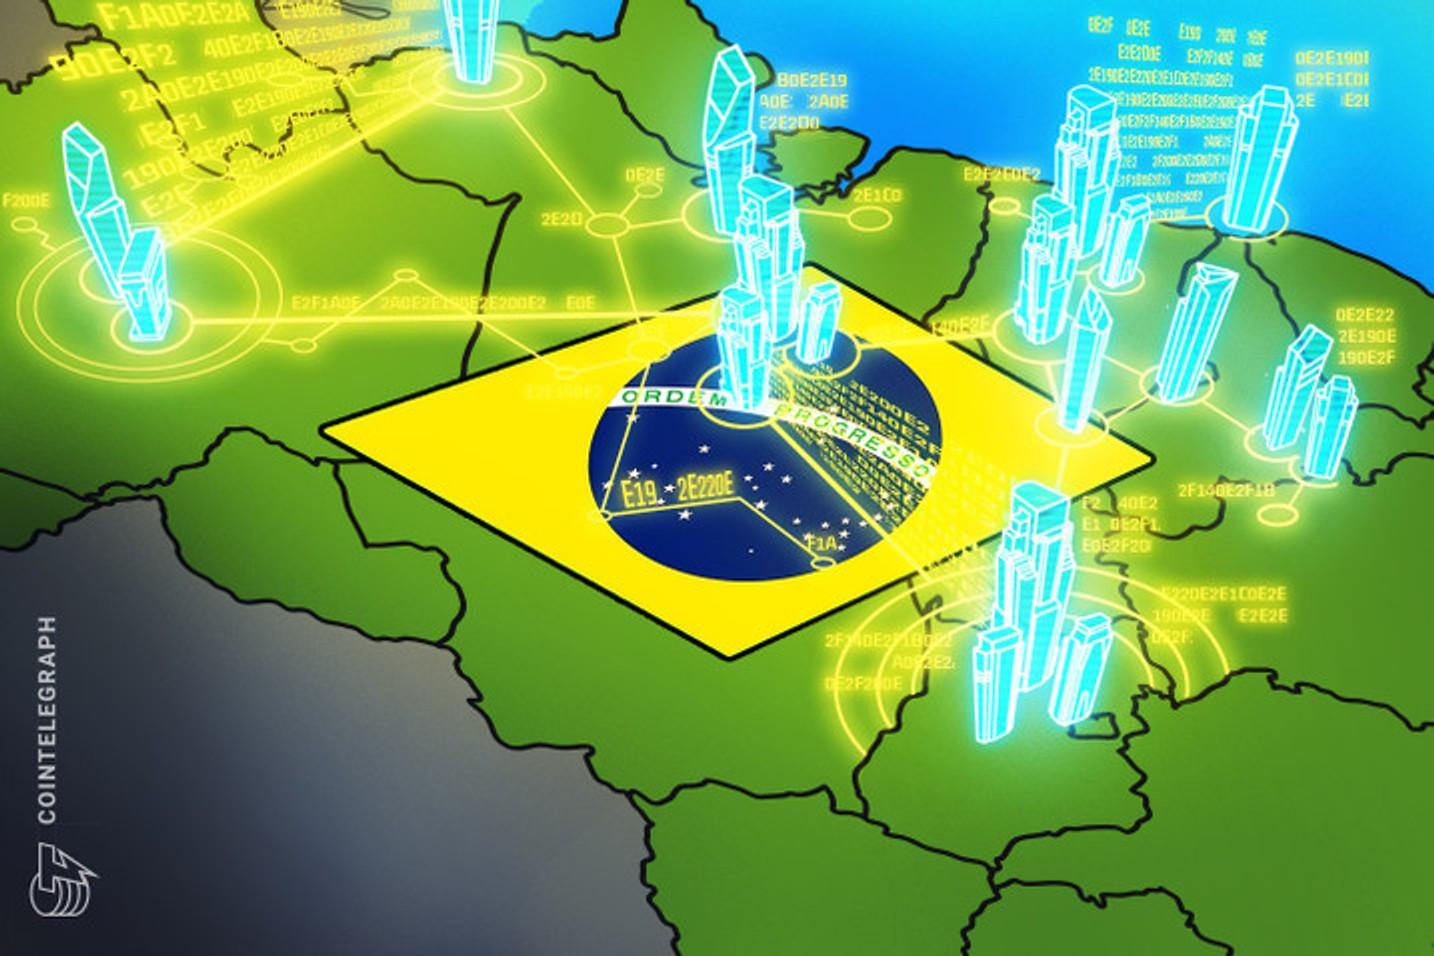 Banco digital alemão N26 prepara-se para entrar no mercado brasileiro